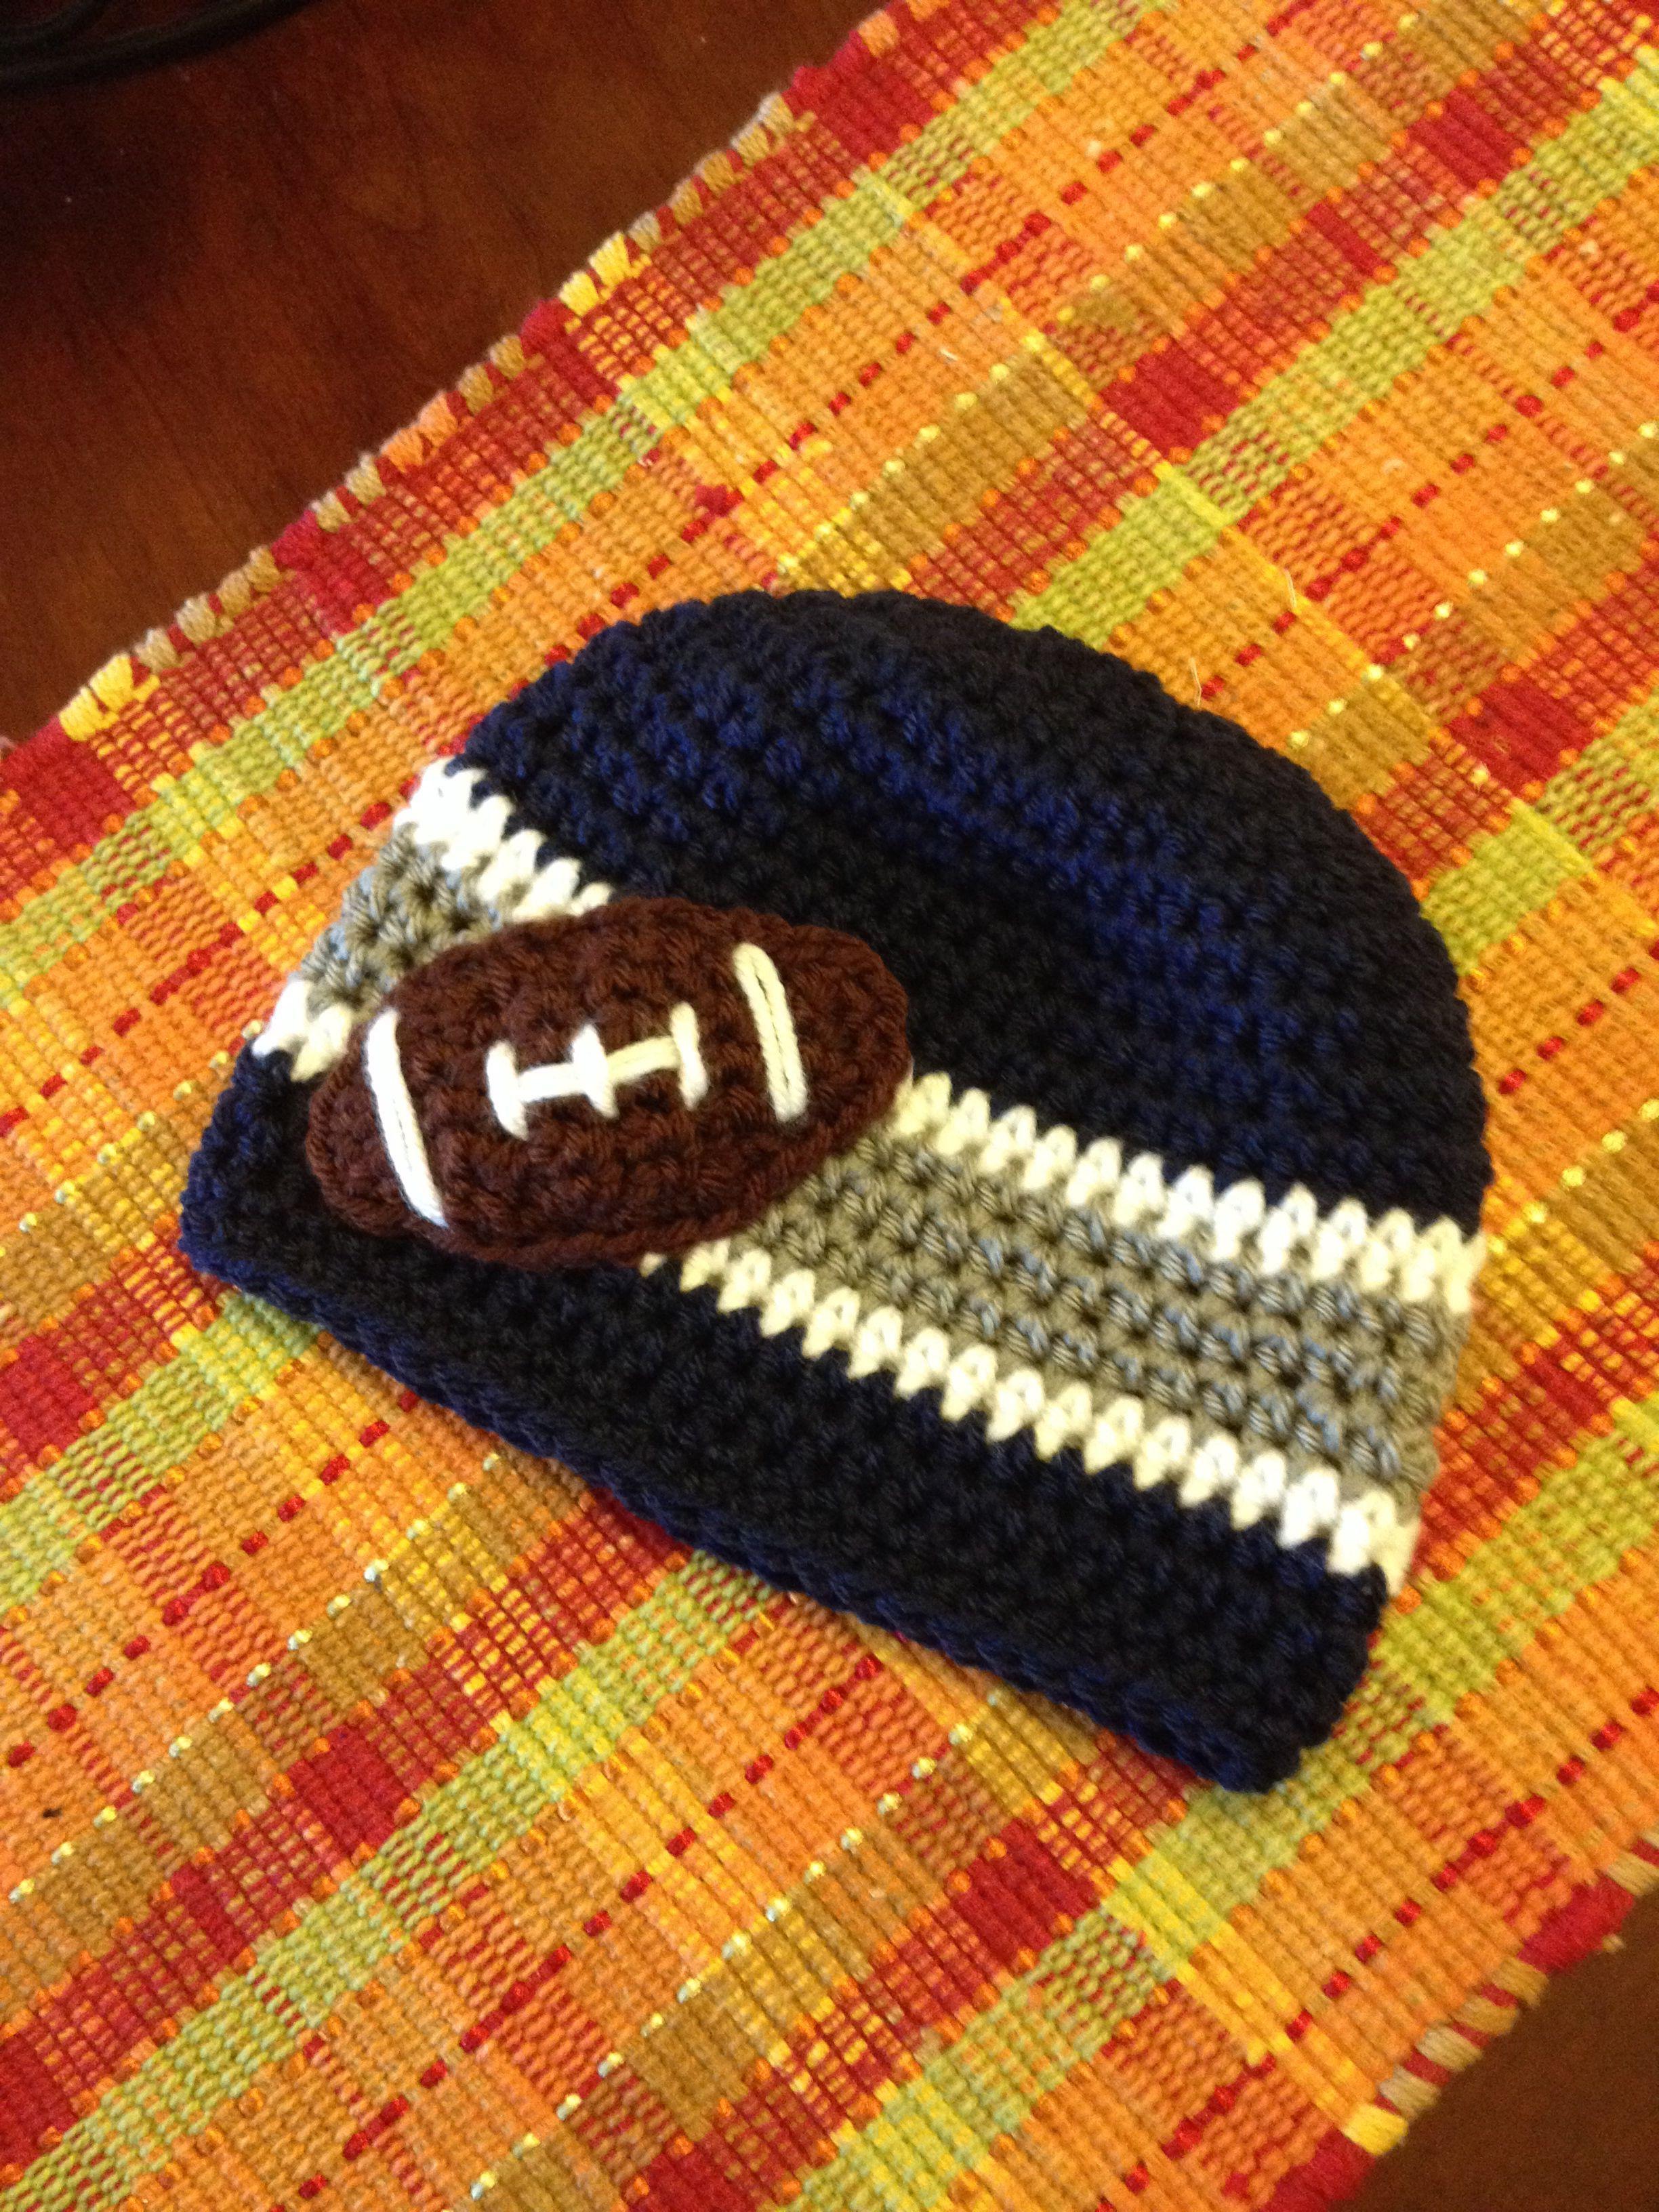 Dallas Cowboys Crochet Baby Hat Pattern : Dallas Cowboys Crochet Hat Sparkling City Crochet ...